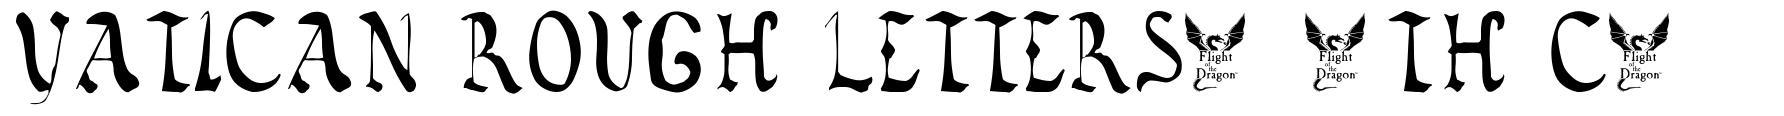 Vatican Rough Letters, 8th c. font